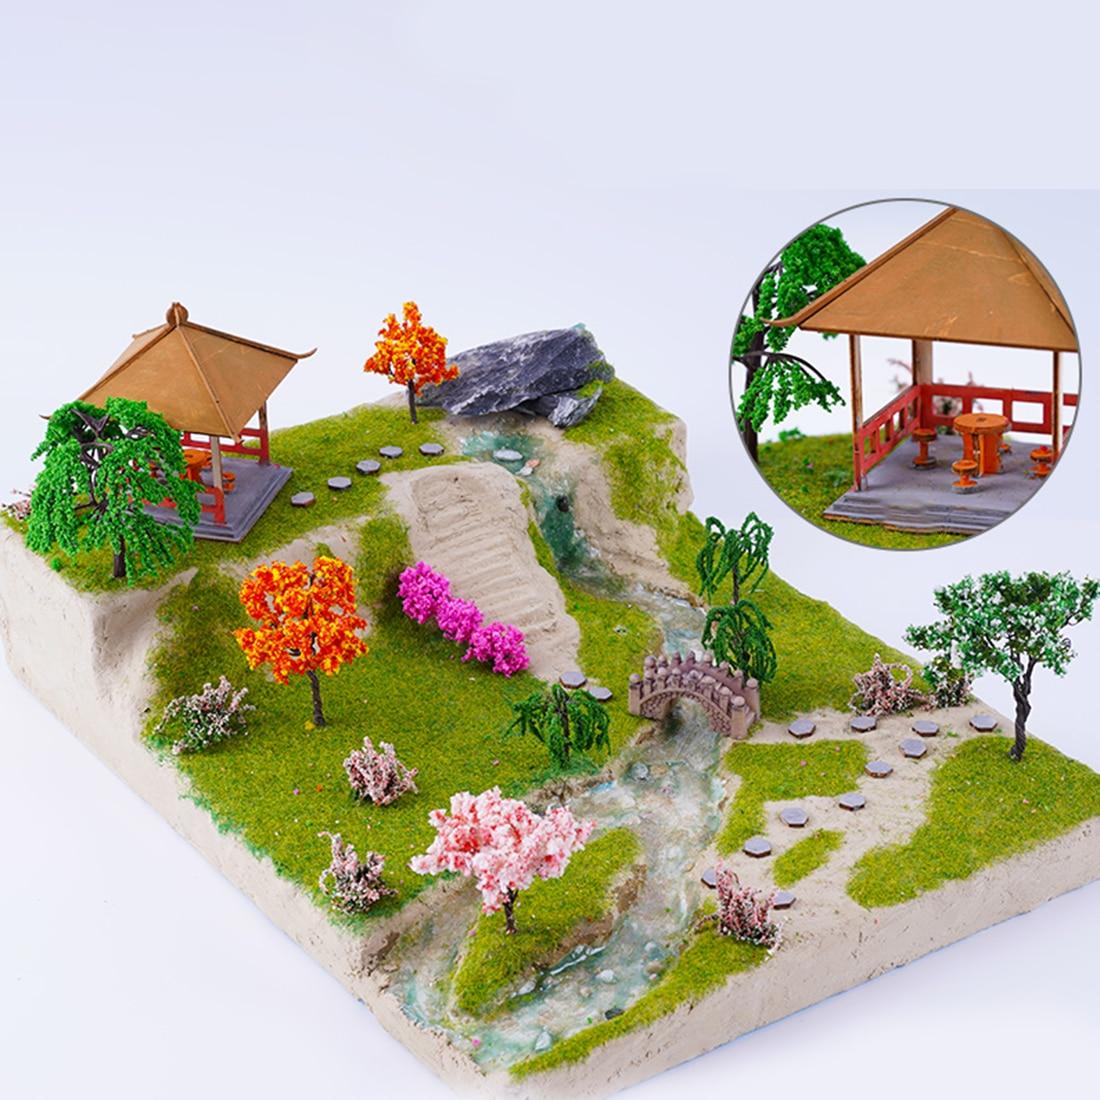 DIY песочный стол Модель Строительный материал комплект водный пейзаж крем Ландшафтный грязевой павильон открытый ландшафтный Декор